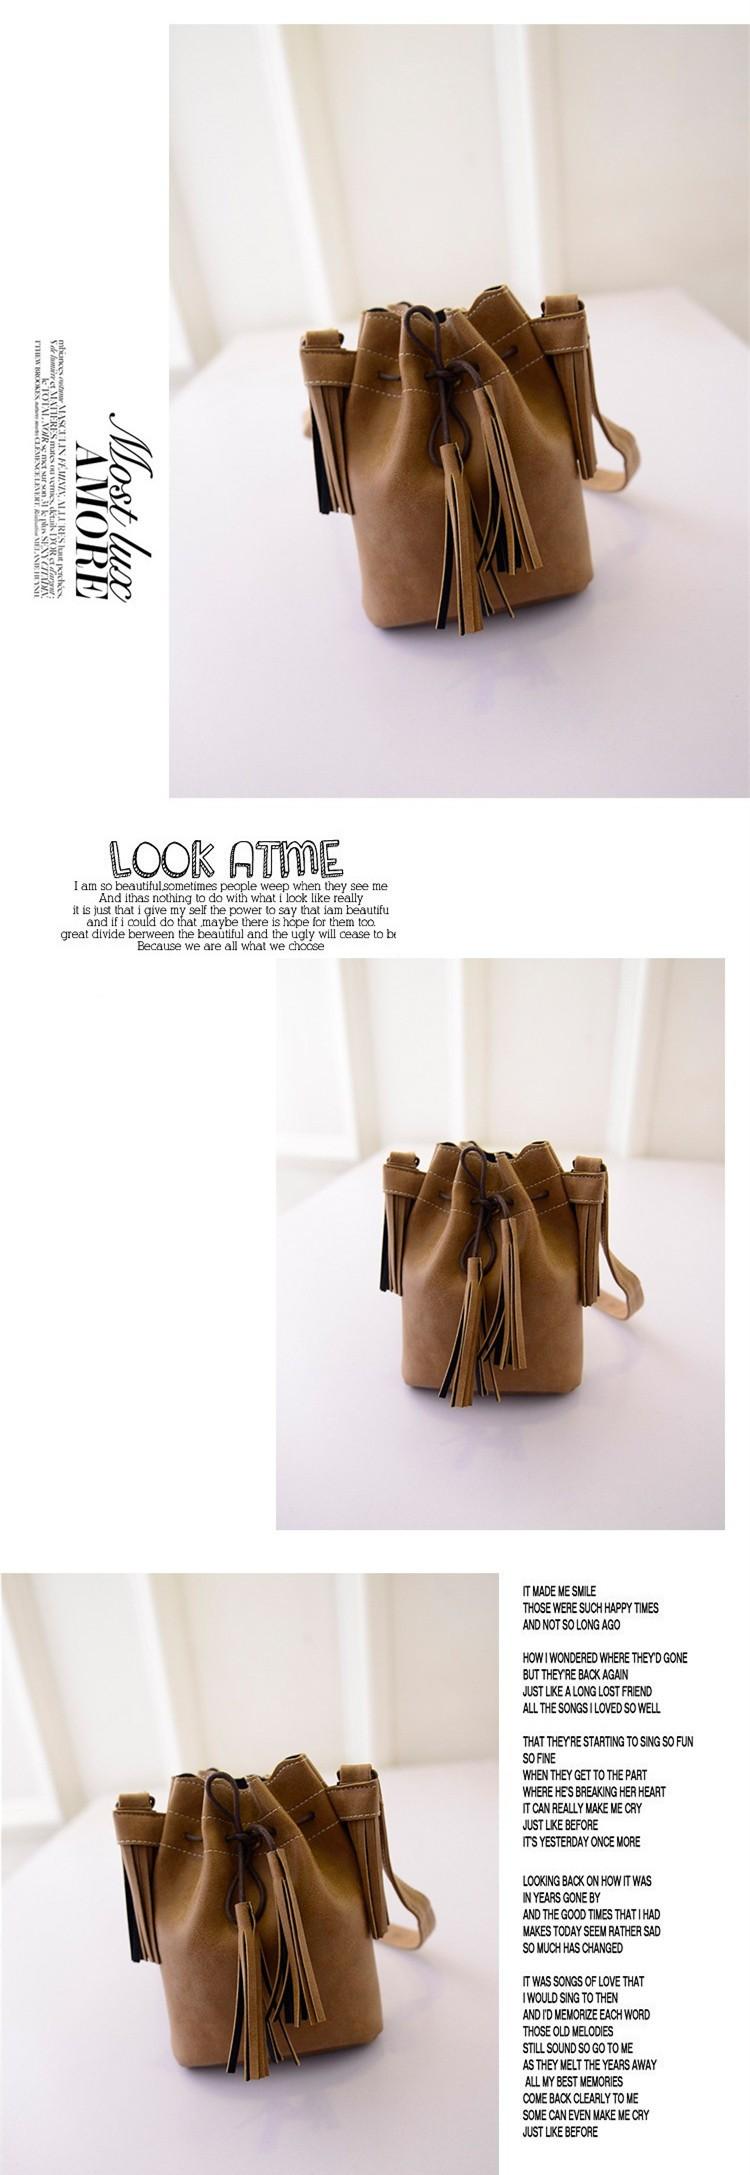 Vintage Bucket Women Shoulder bags Fashion Tassel bags Small Women messenger bags Spring Handbags Tote bolsas femininas BH237 (3)